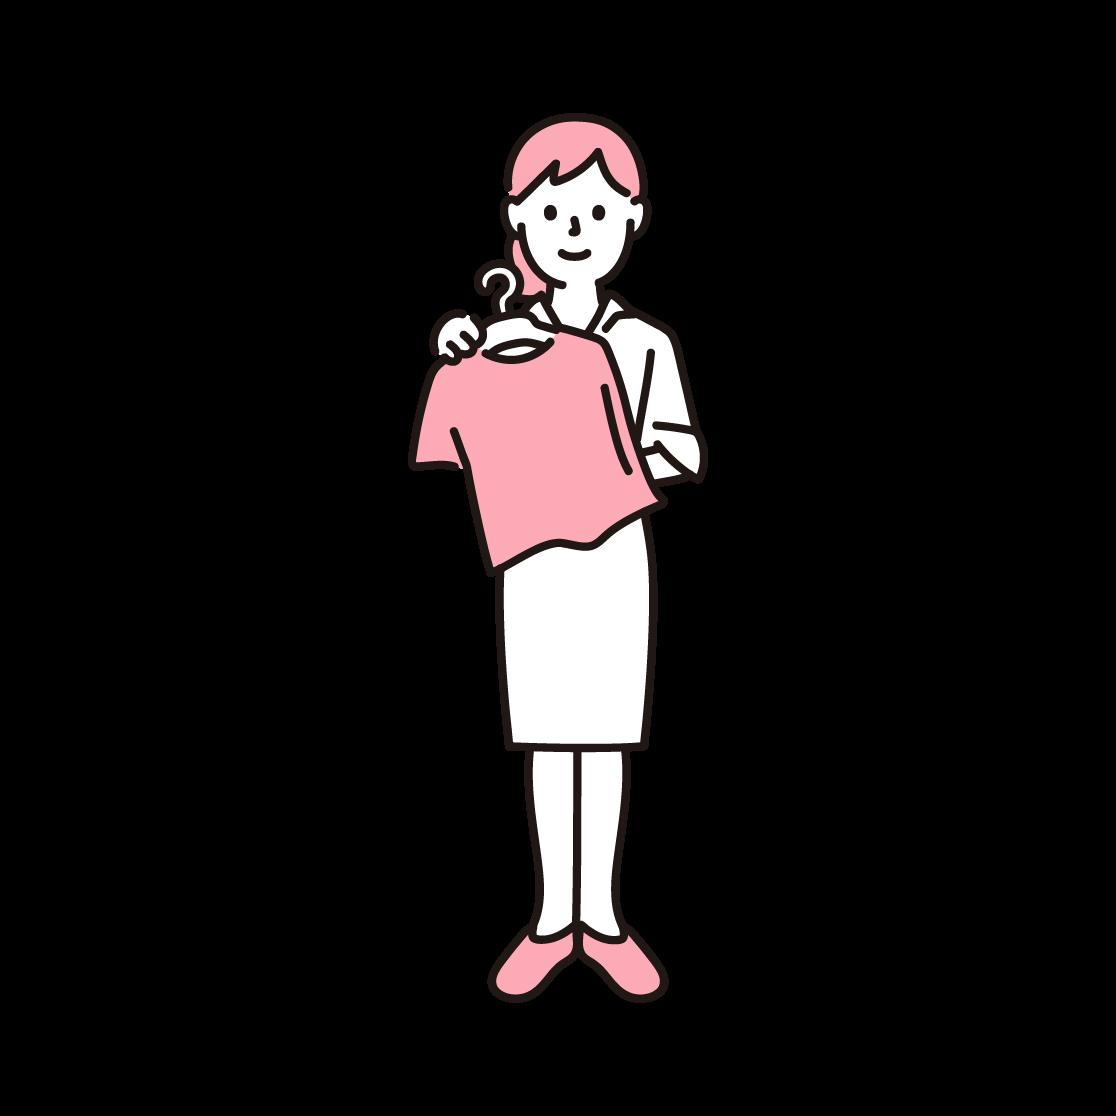 アパレル店員(女性)の単色イラスト